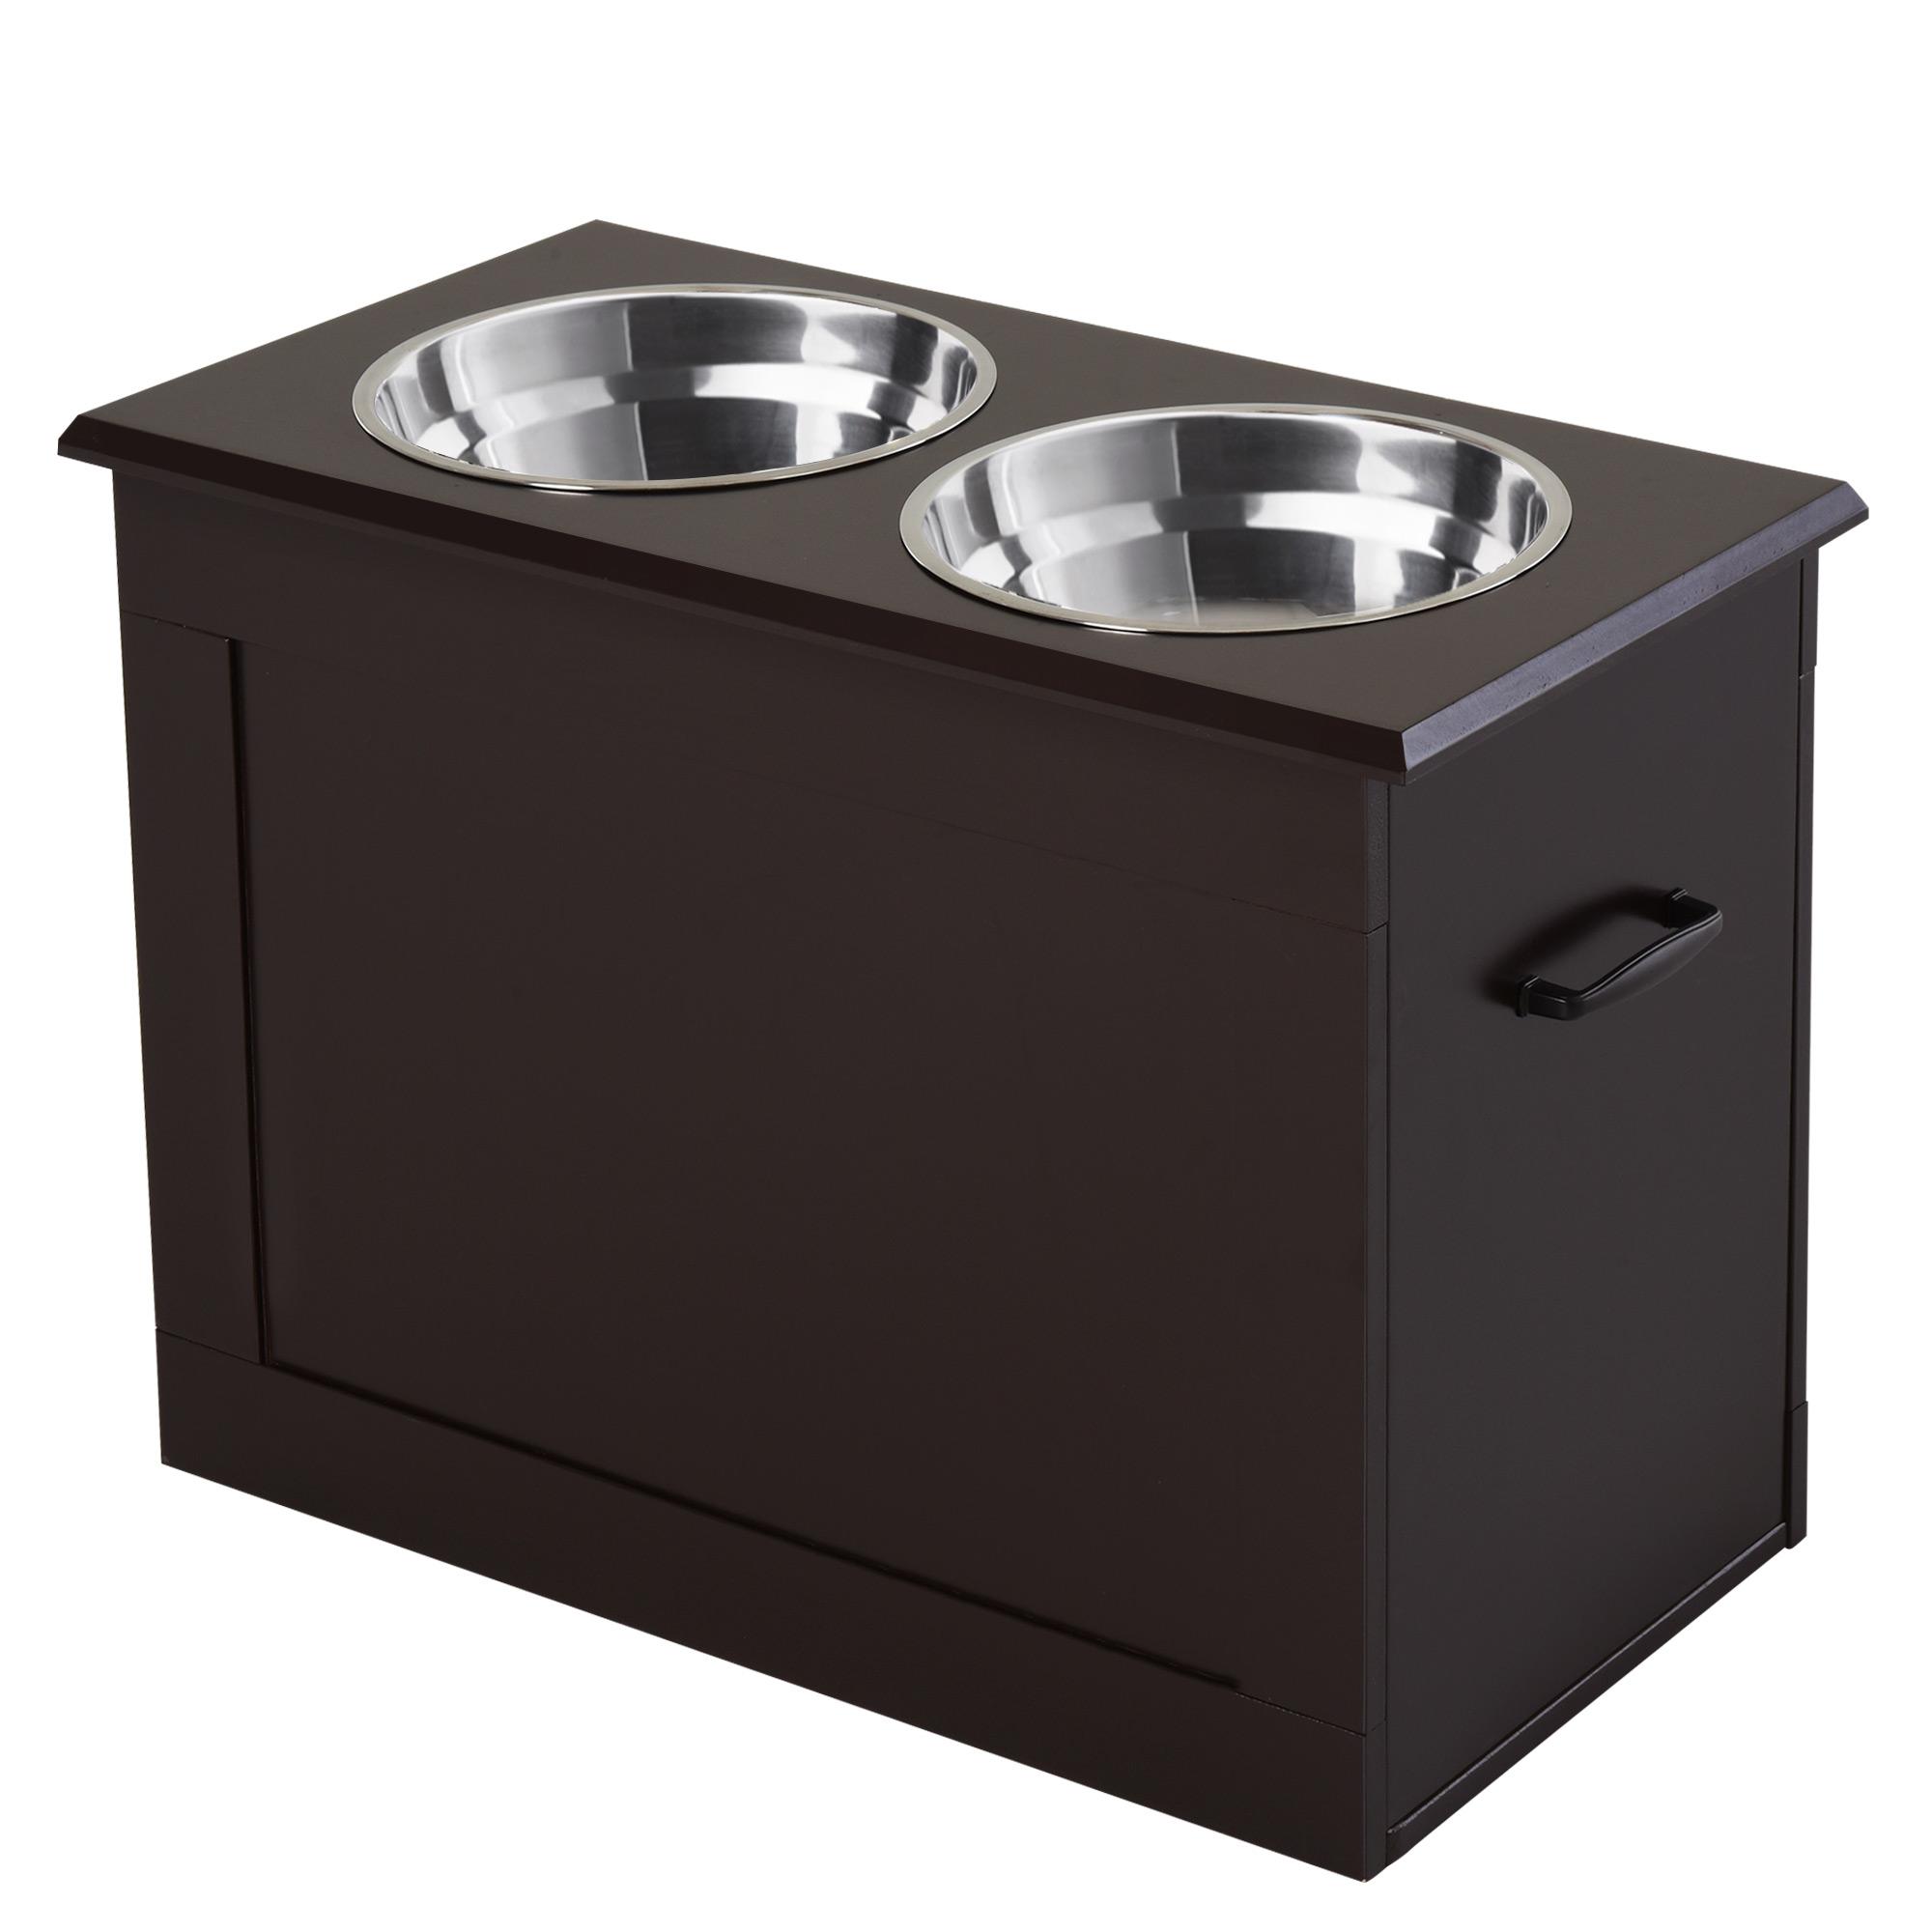 PawHut Portaciotole Rialzato per Cani con 2 Ciotole di Φ24cm in Acciaio Inox